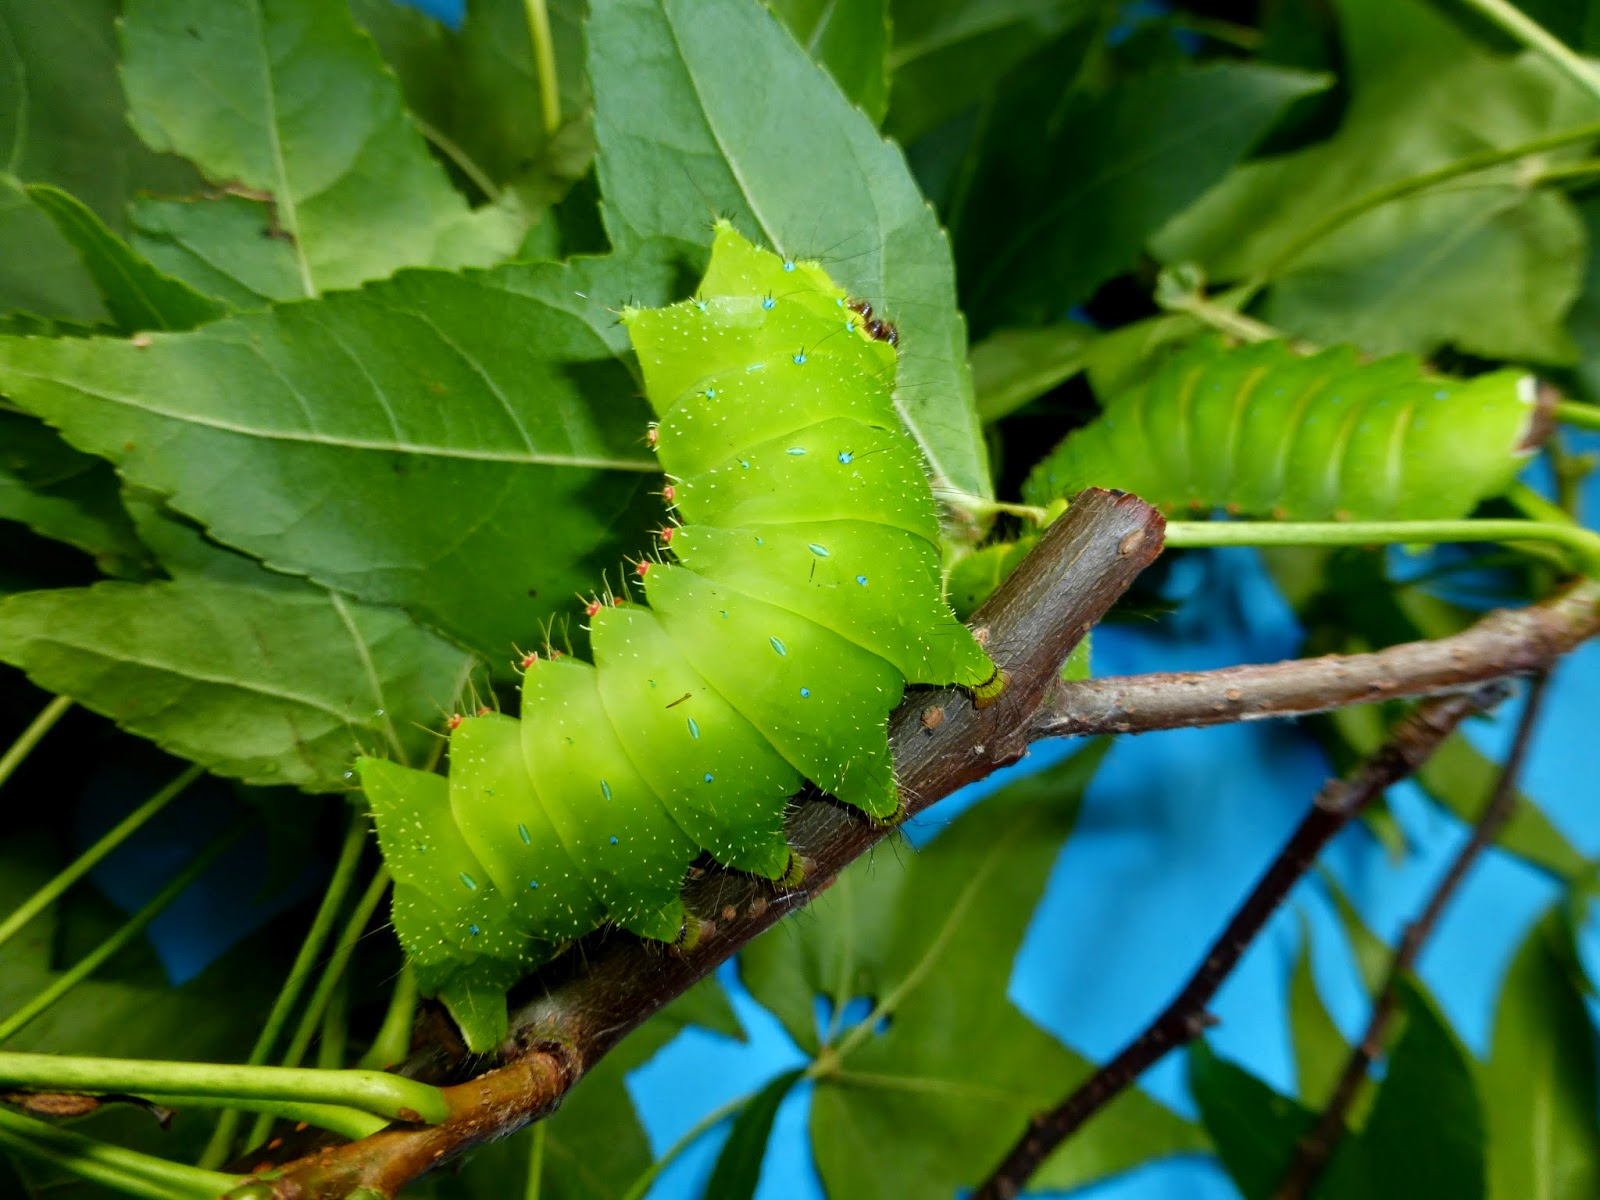 Actias sinensis caterpillar